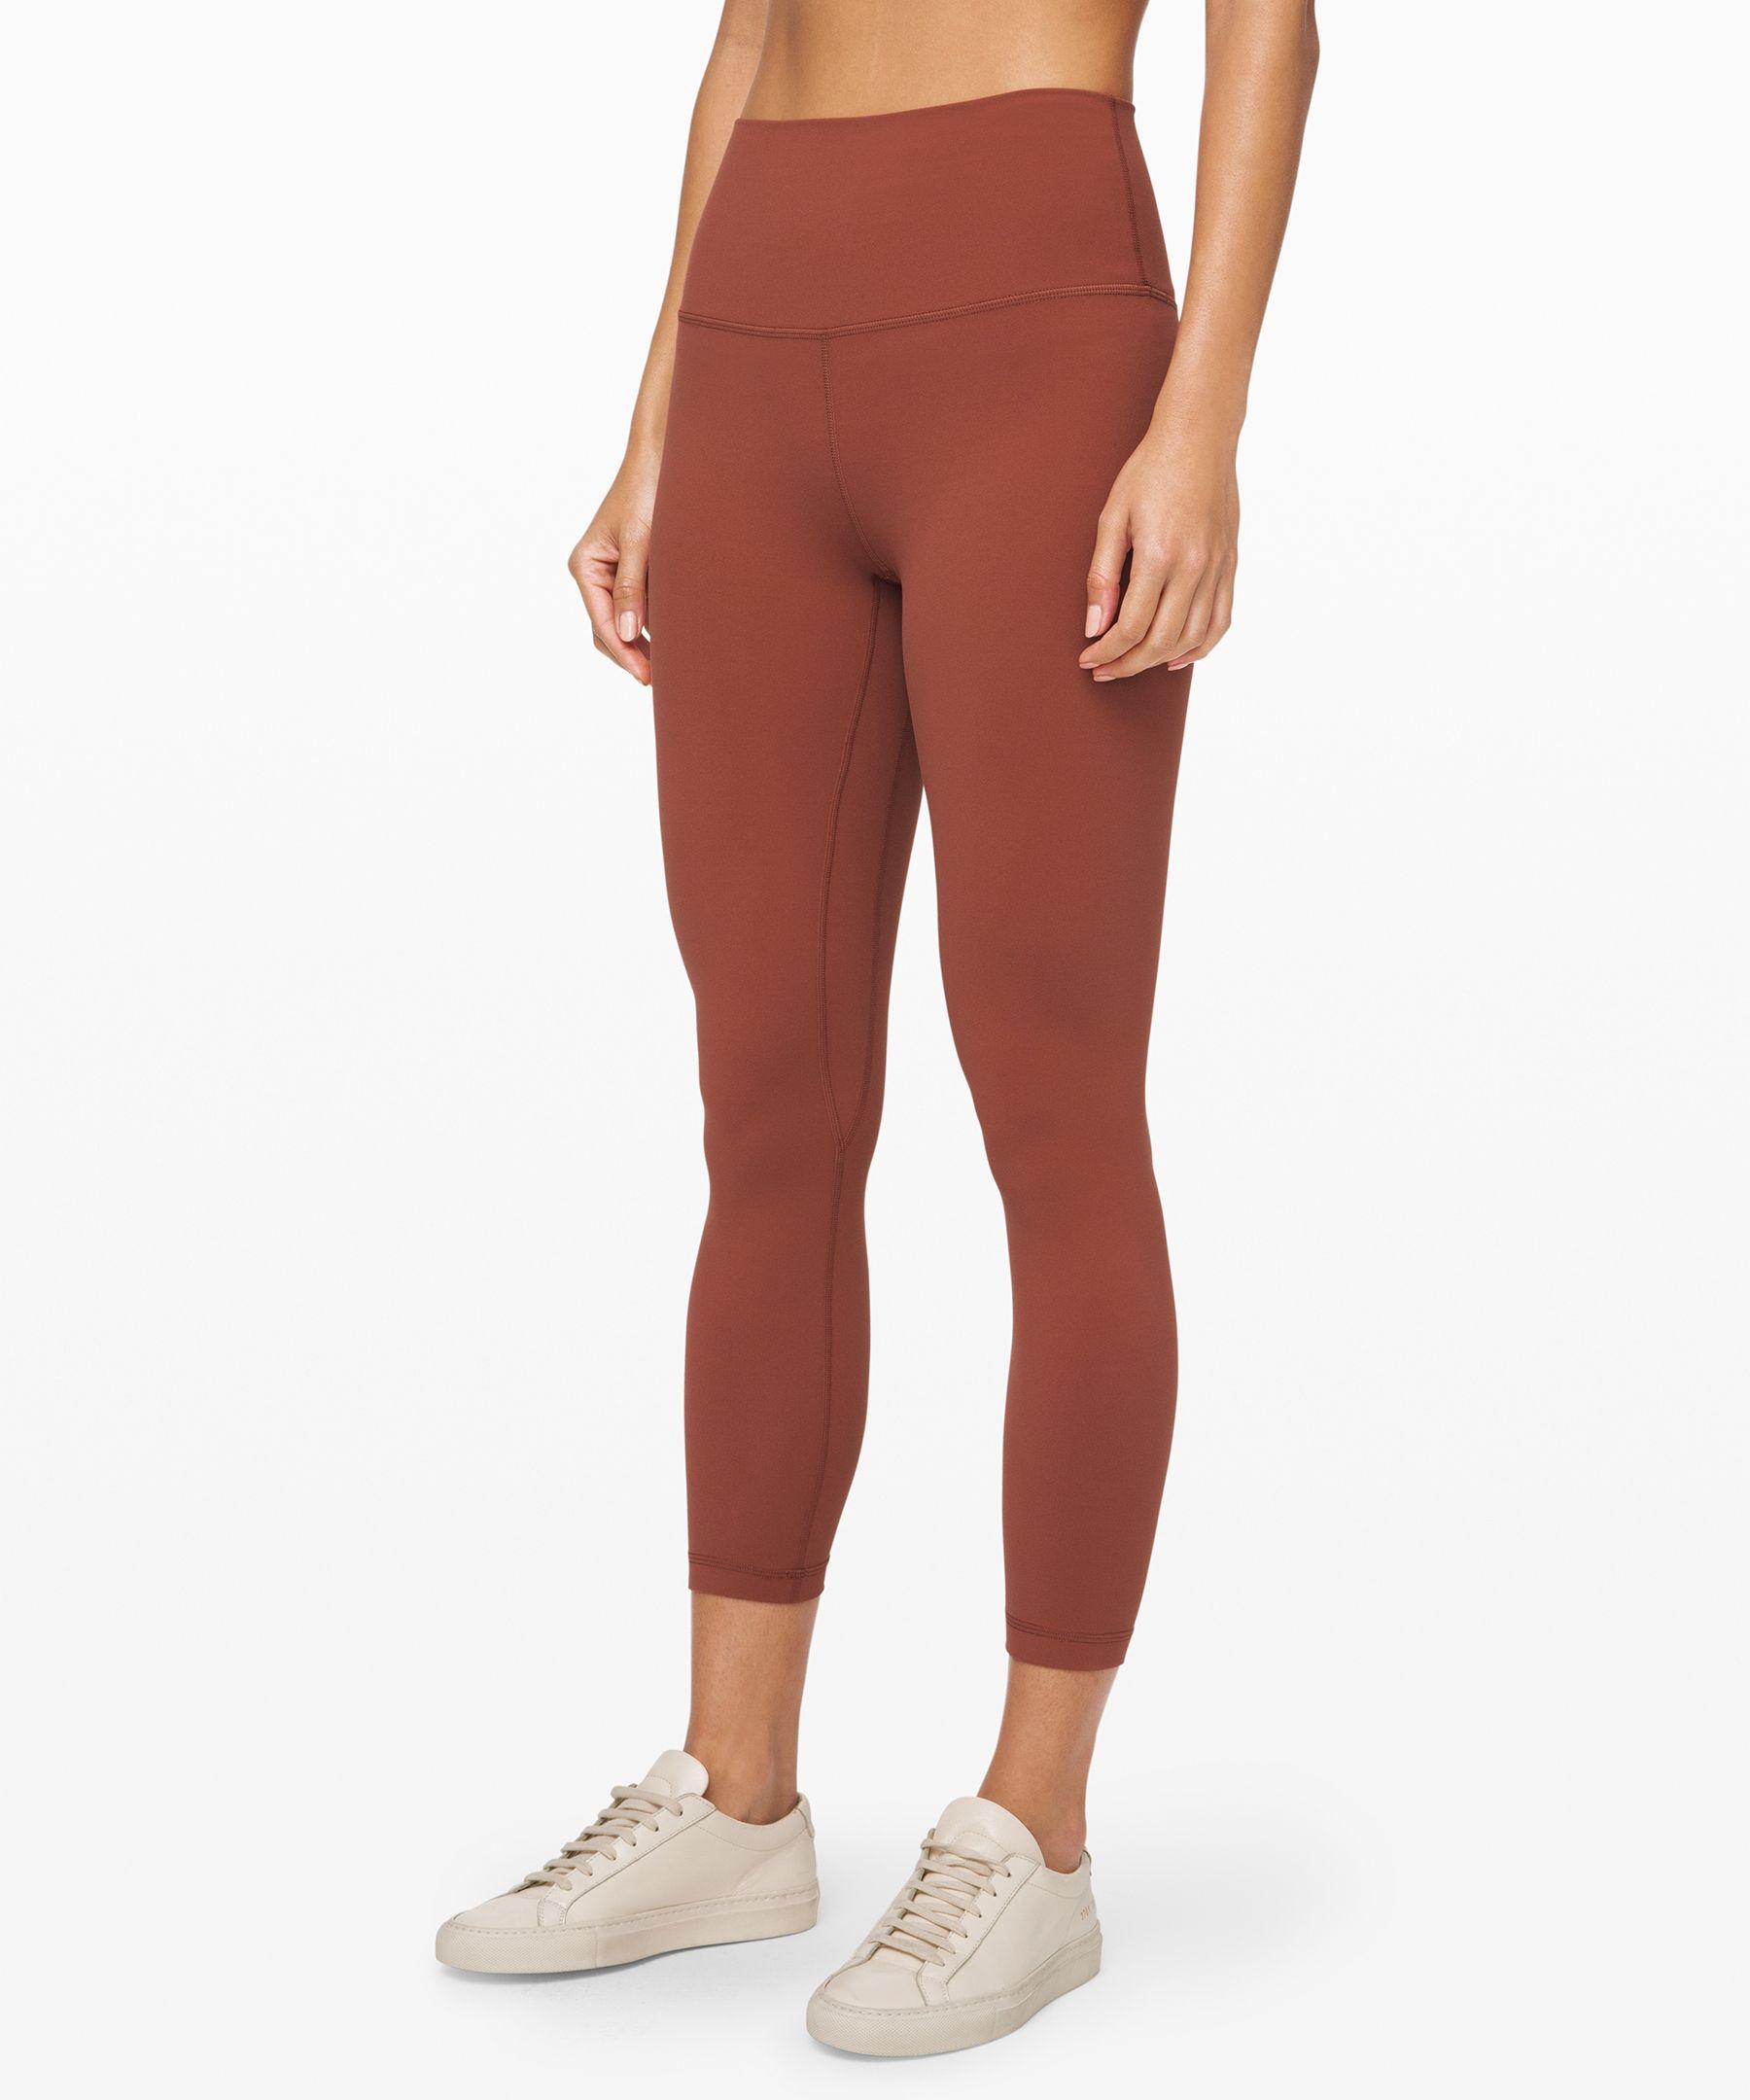 Align Pant Ii 25 Women S Yoga Pants Lululemon Pants For Women Yoga Pants Women Lululemon Align Pant